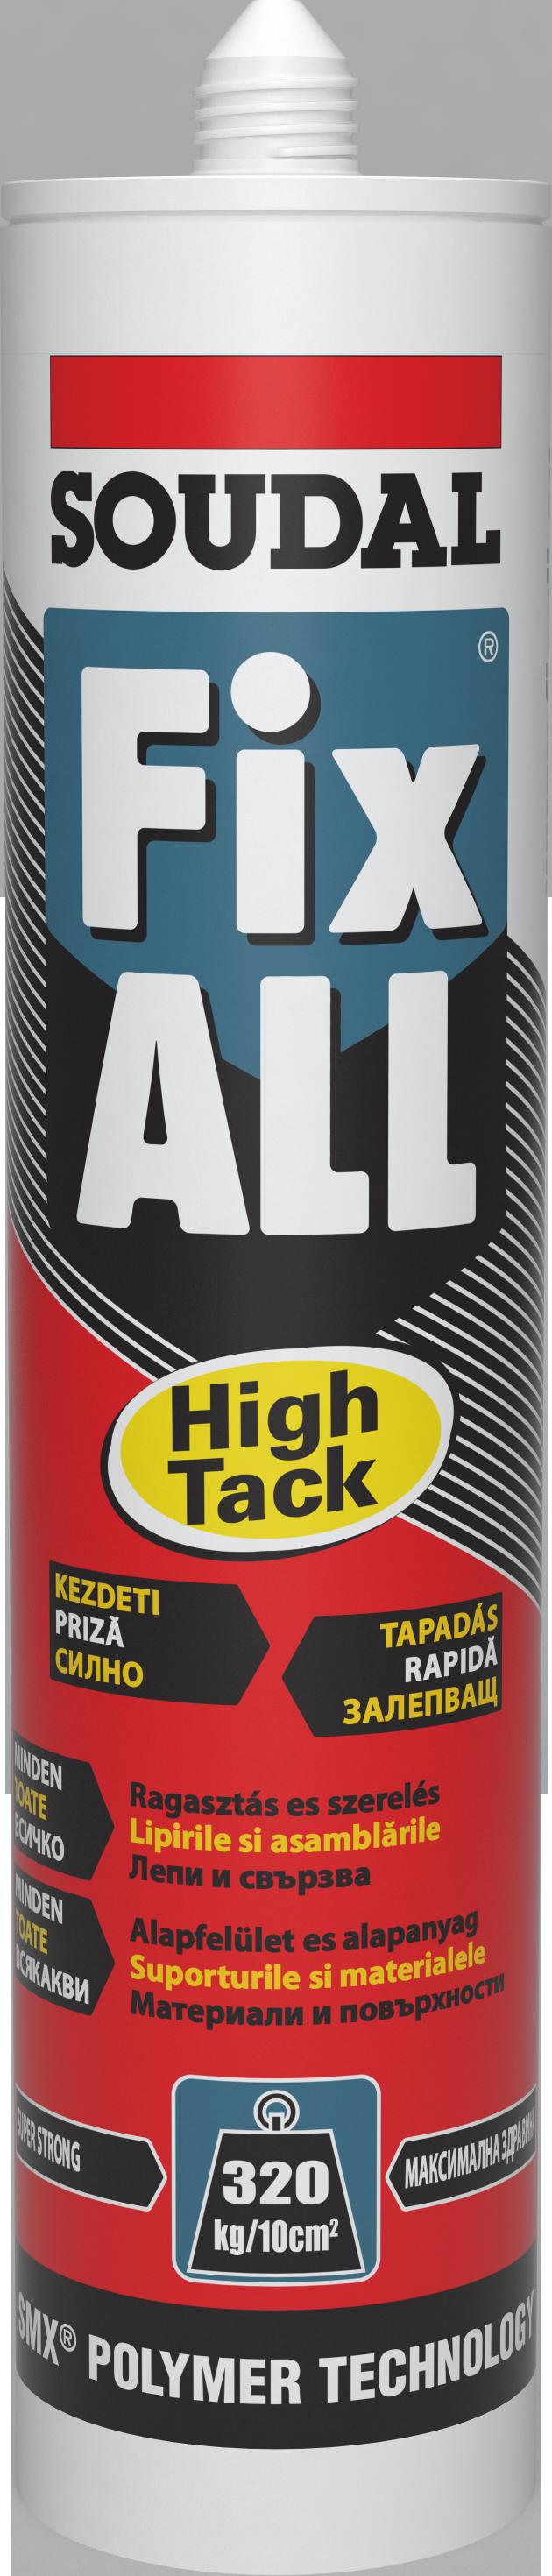 Fix ALL HIGH TACK